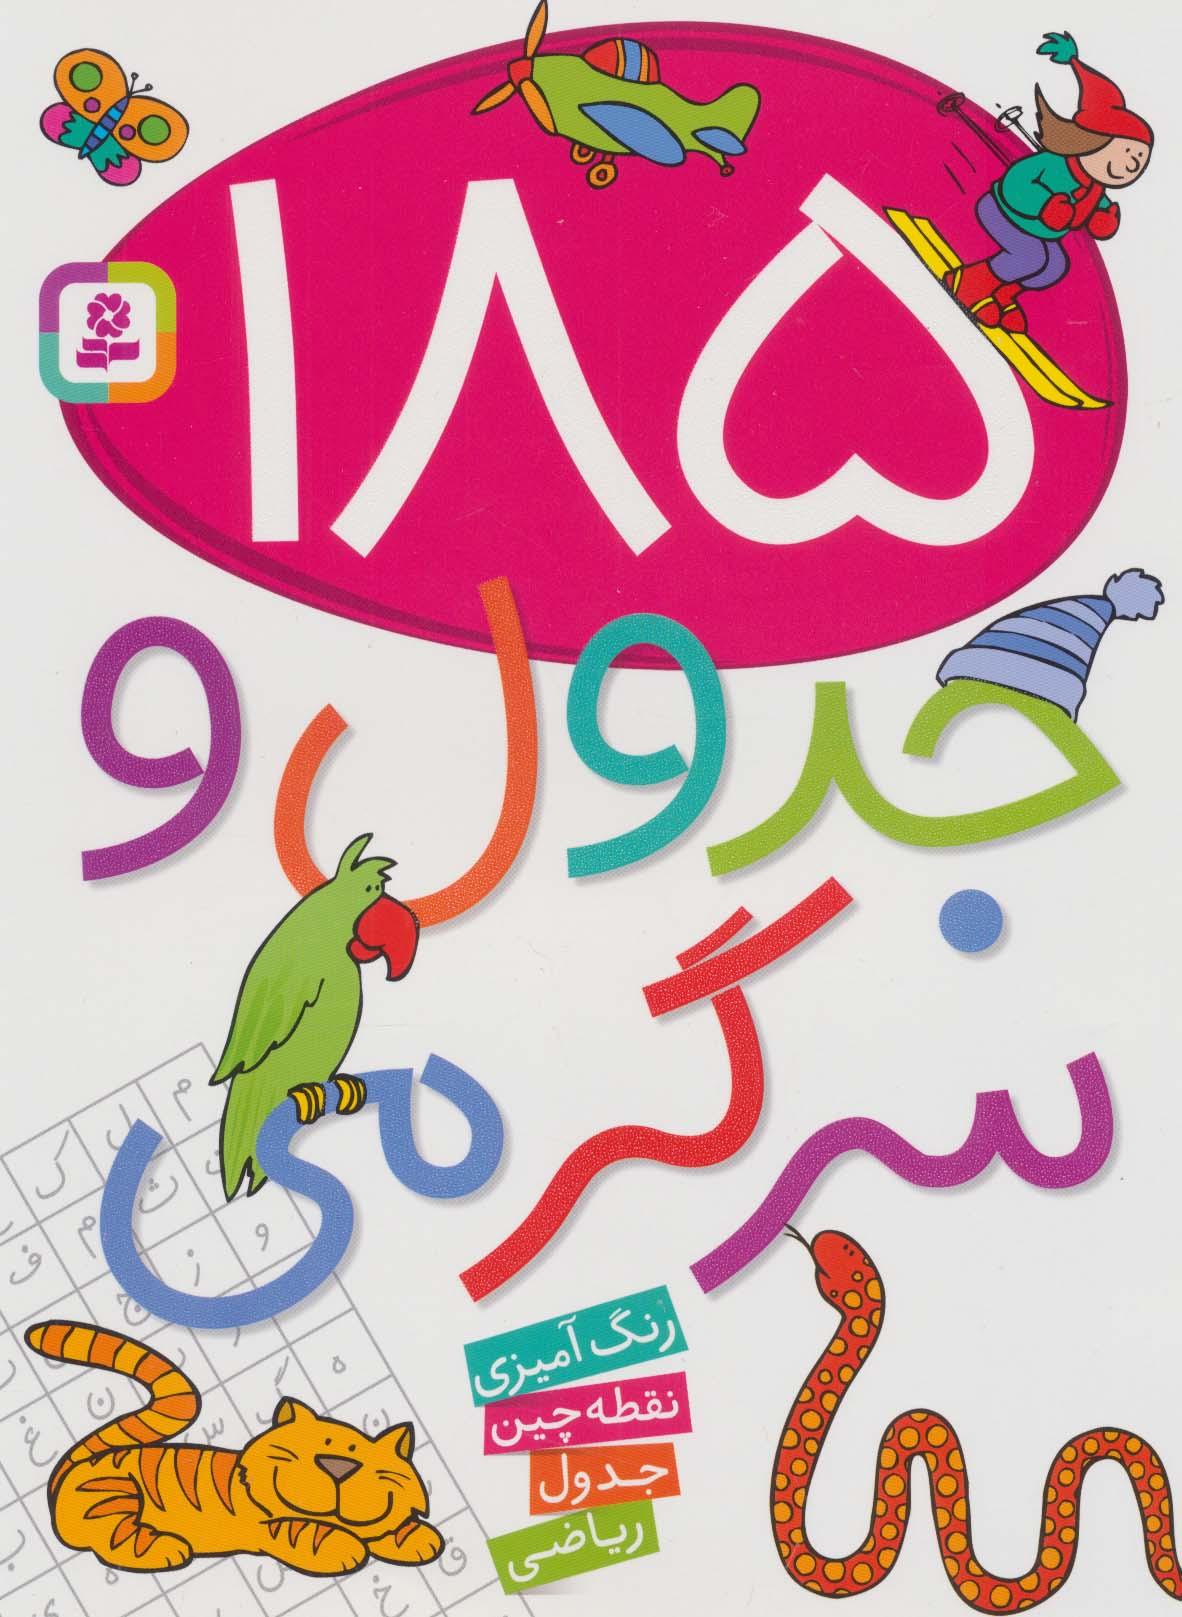 185 جدول و سرگرمی (رنگ آمیزی،نقطه چین،جدول،ریاضی)